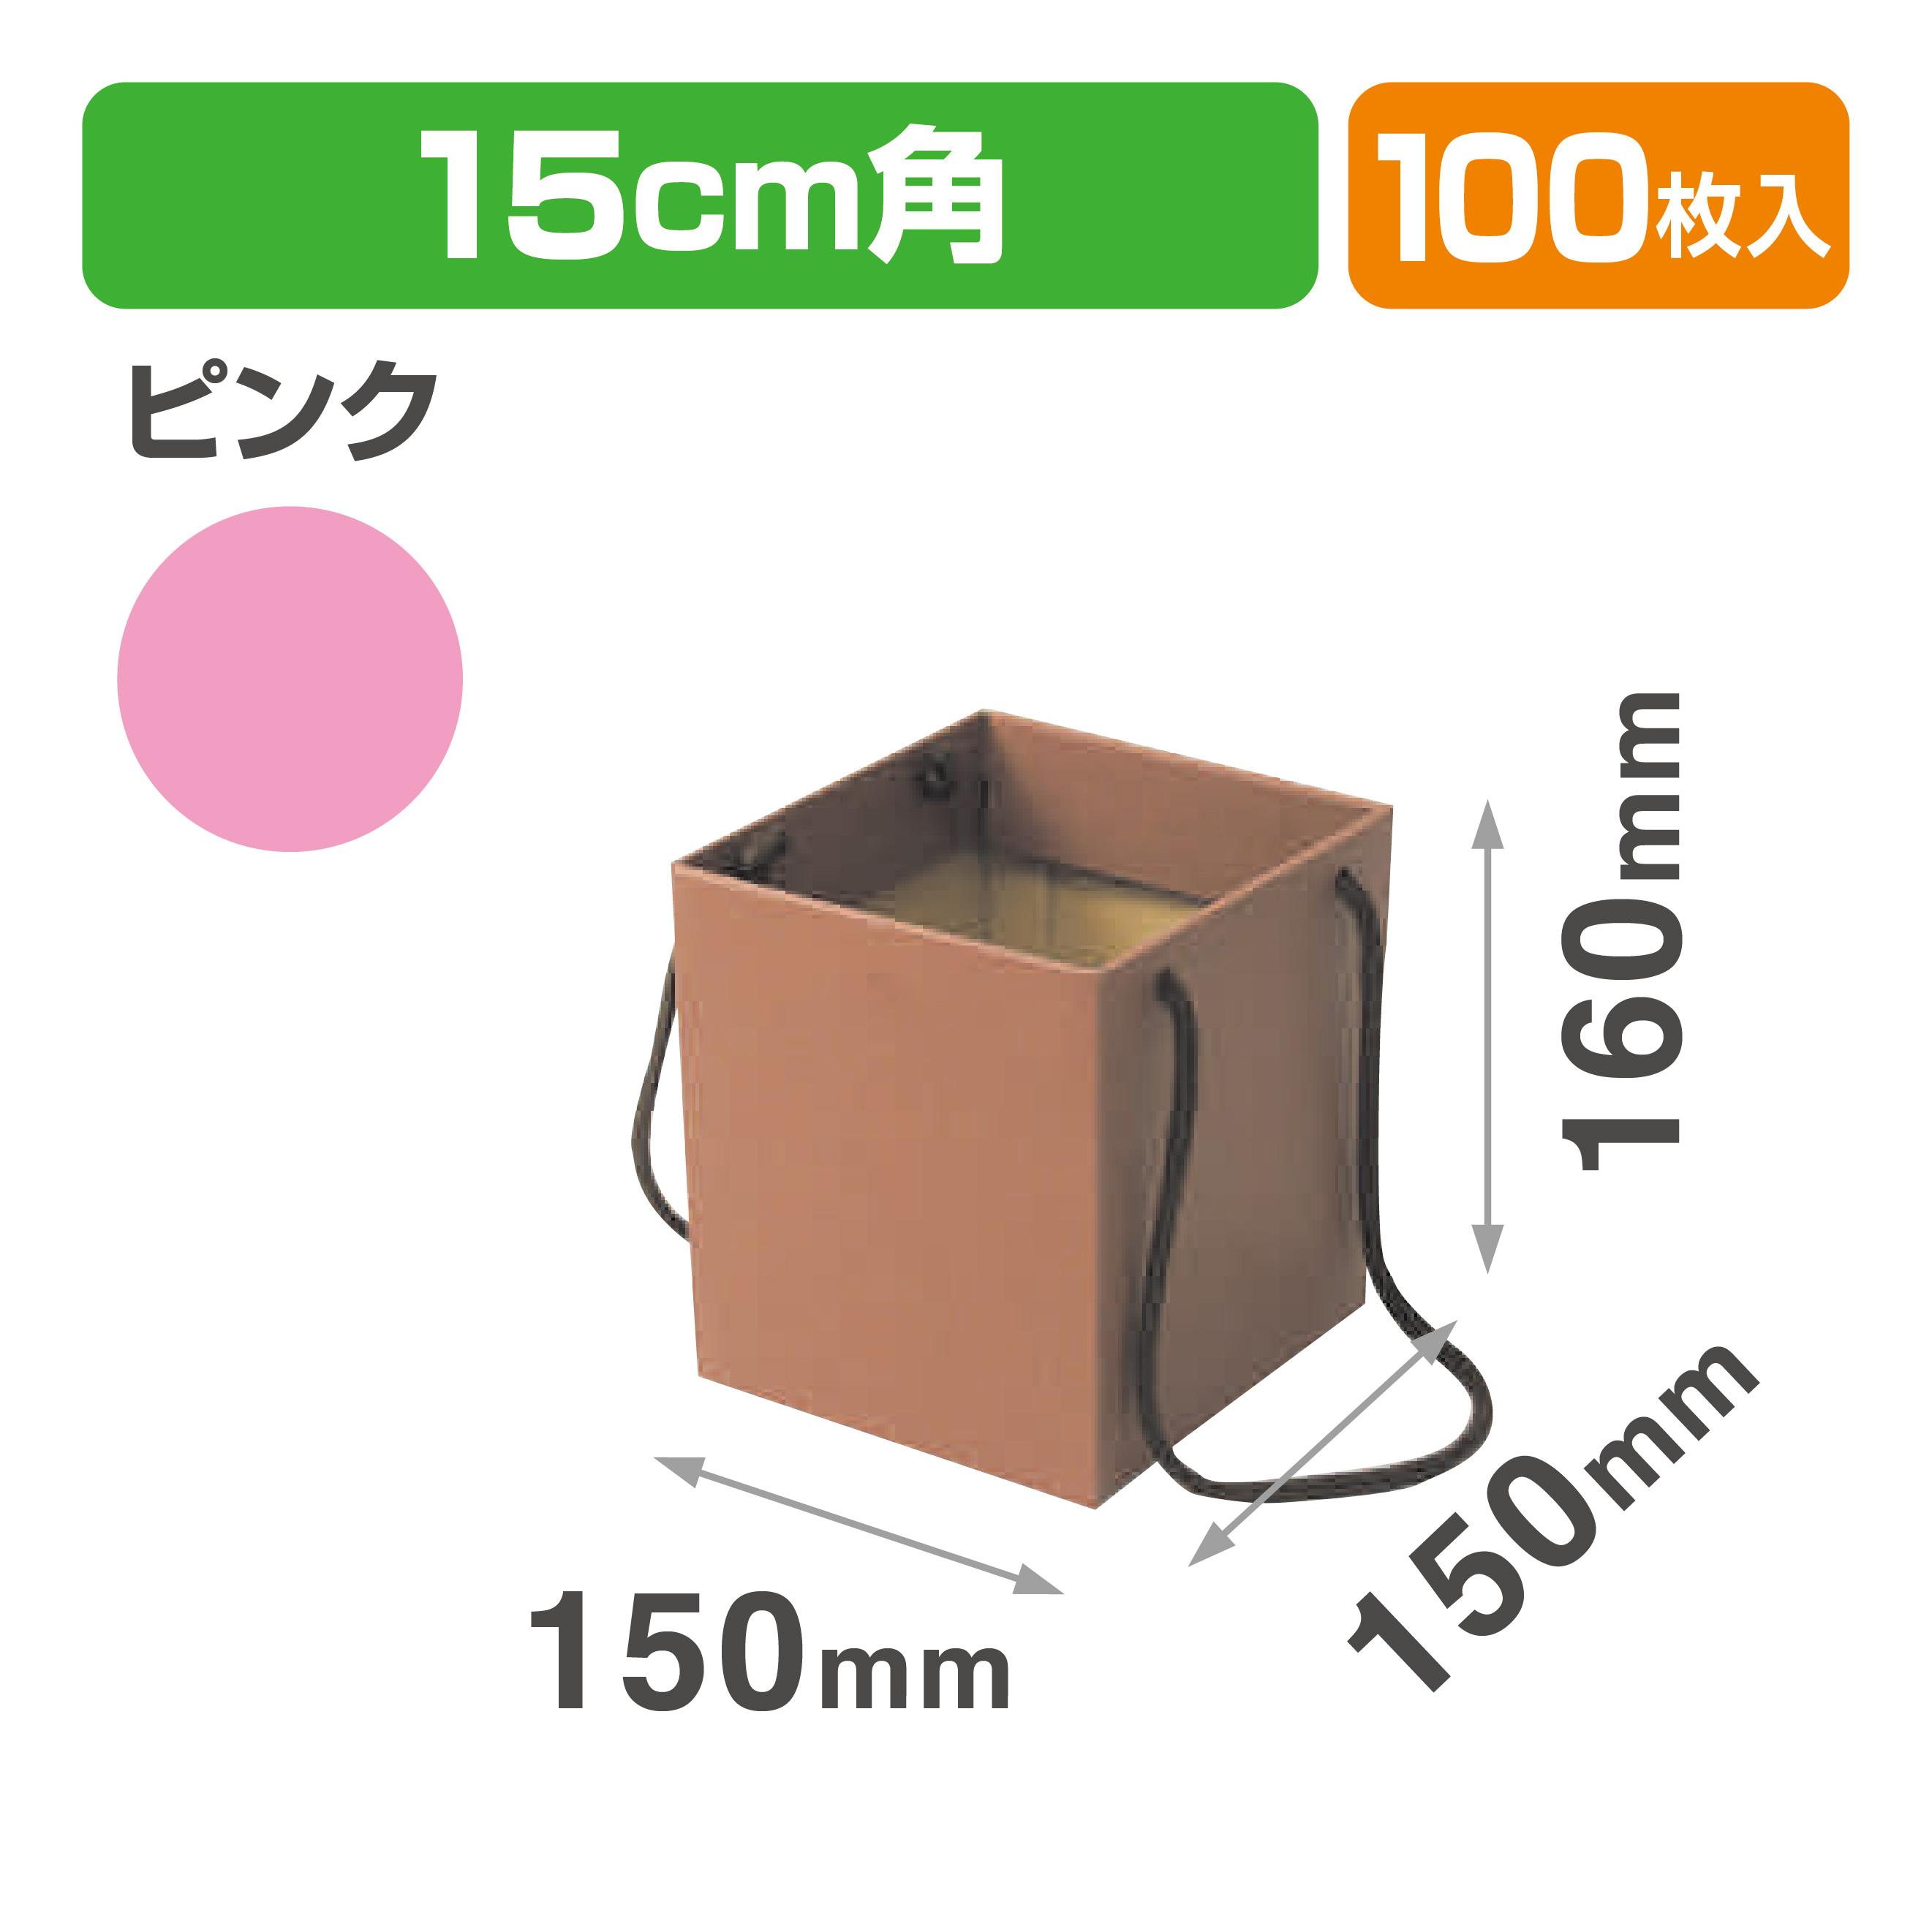 ミニブーケキャリー150(ピンク)